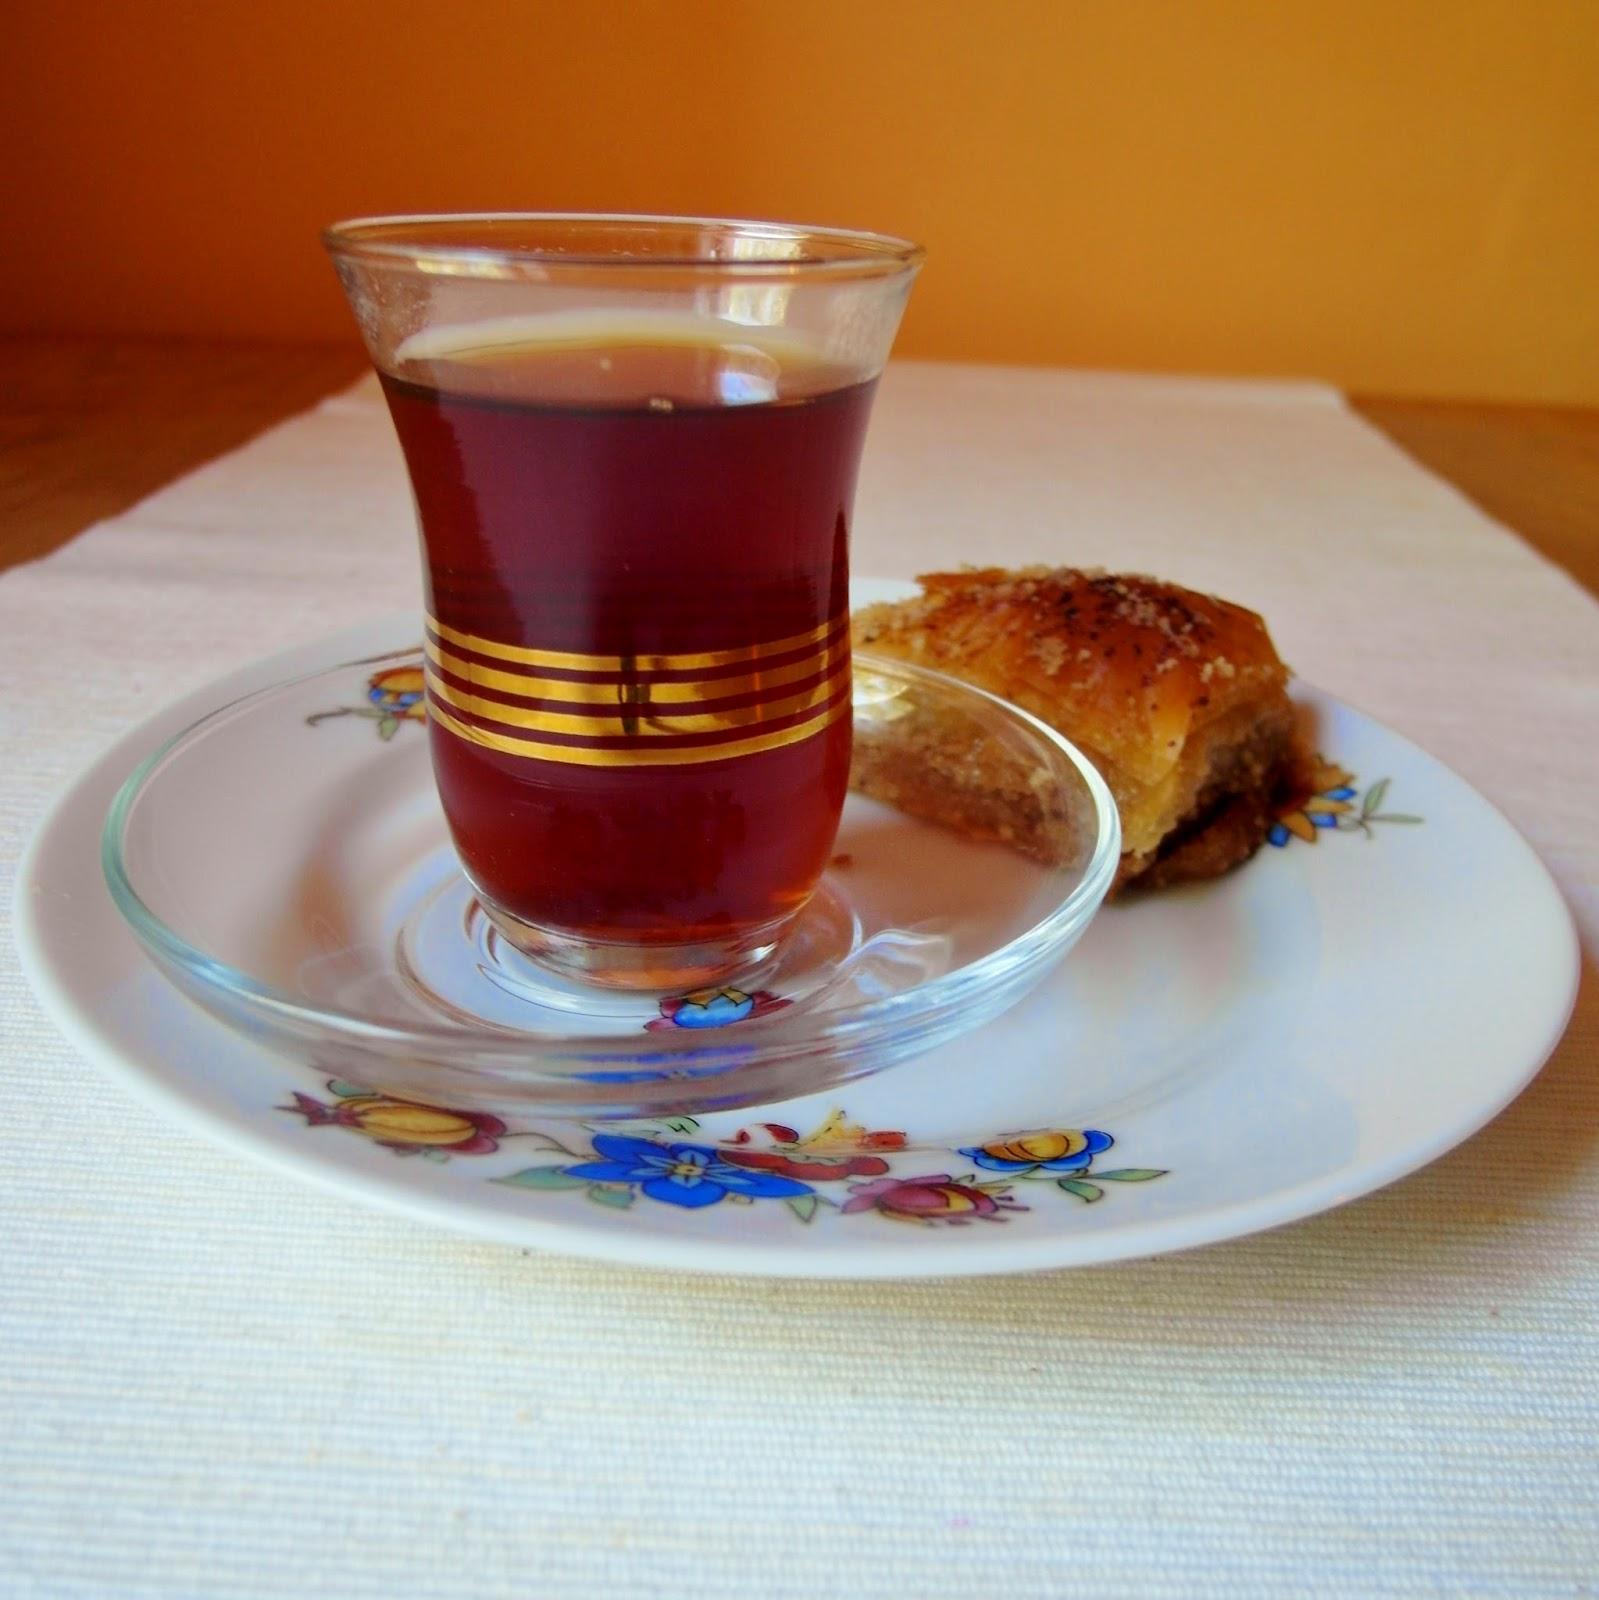 Kuchnia z wyrakiem Herbata po hassańsku  bliskowschodnia herbata z karmelem -> Kuchnia Angielska Herbata Po Angielsku